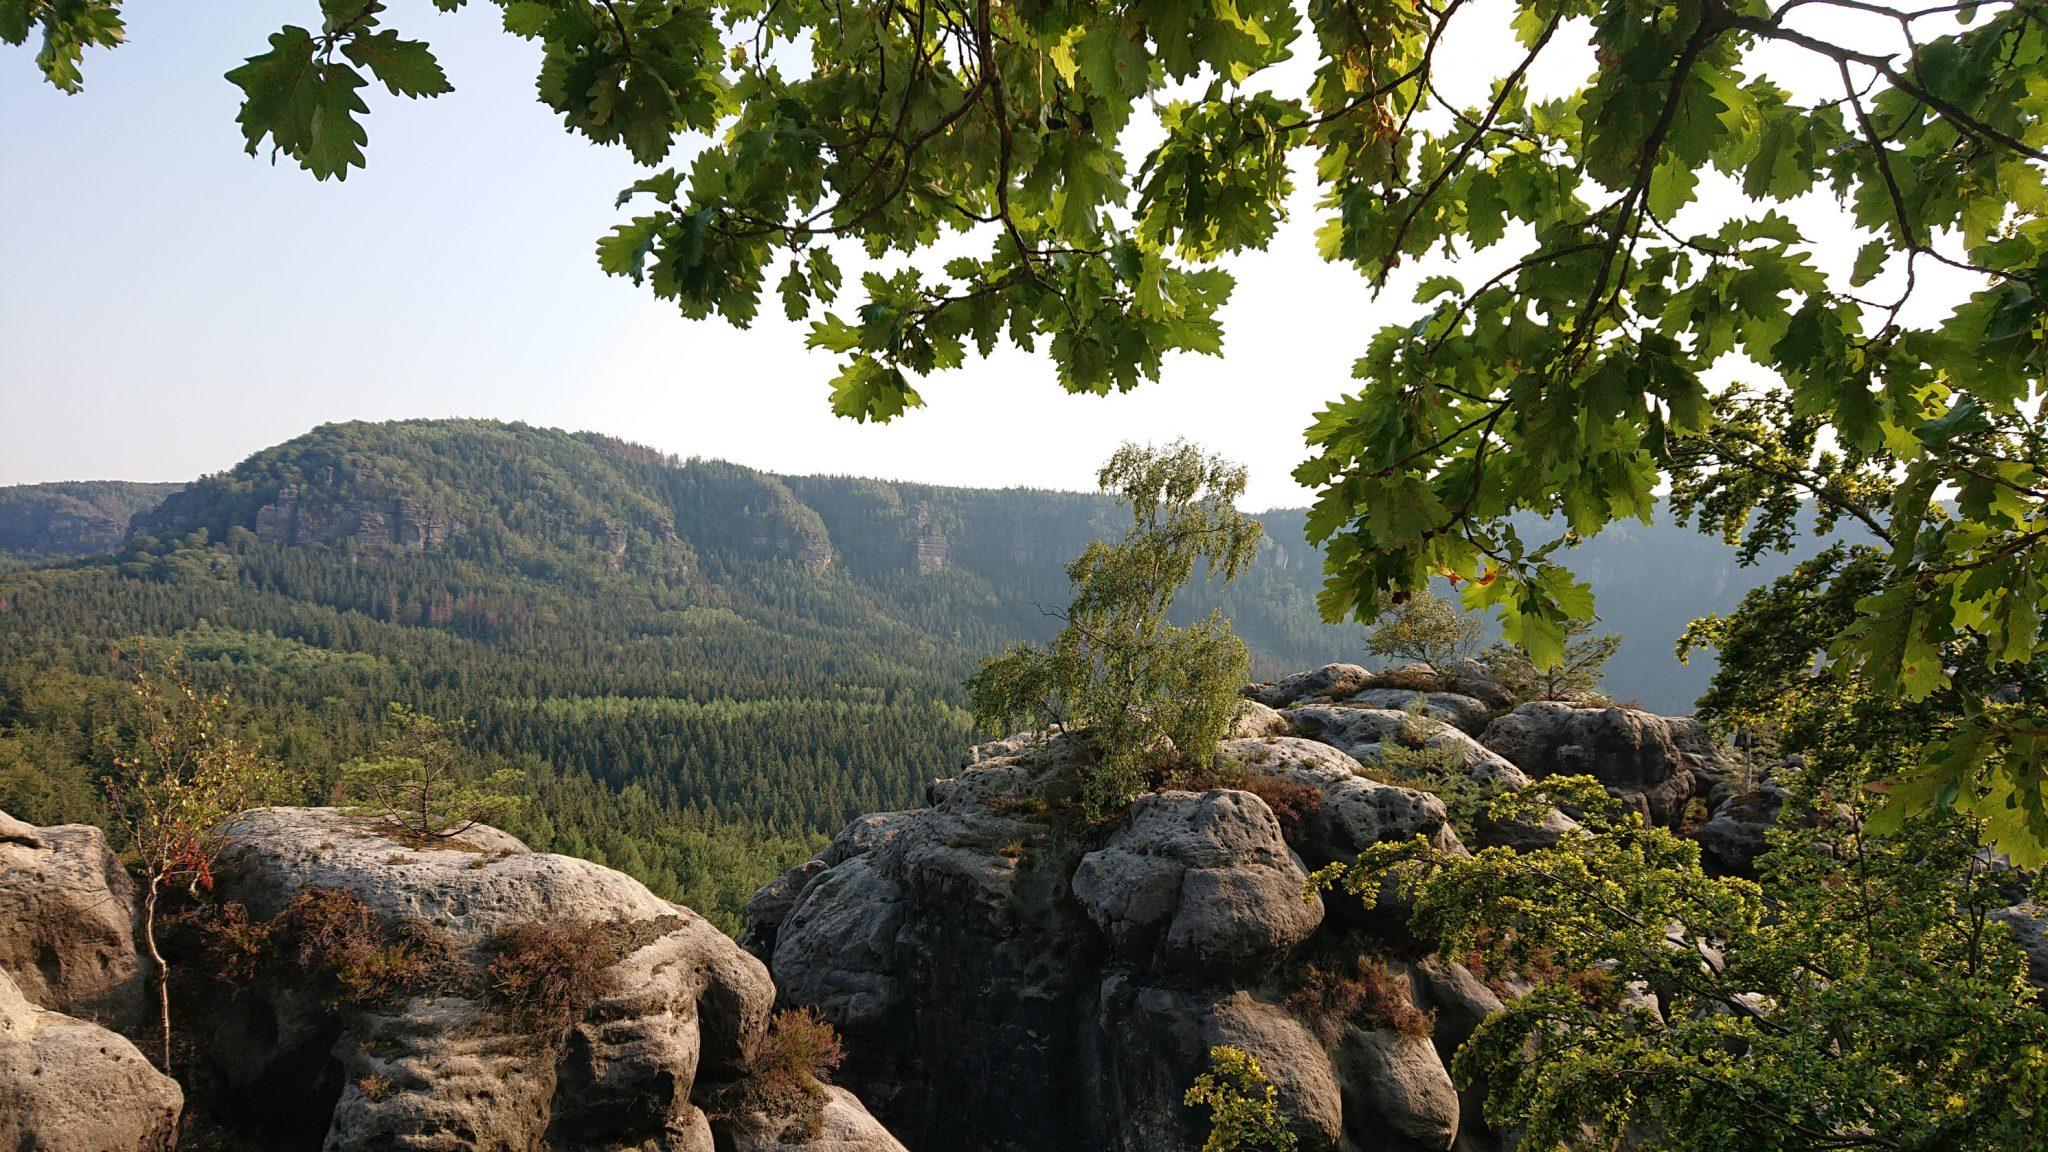 Wanderung zum Kuhstall im Kirnitzschtal, wunderbare Aussicht mit herrlichem Wetter auf das Wanderparadies sächsische Schweiz, riesiger Felsennationalpark